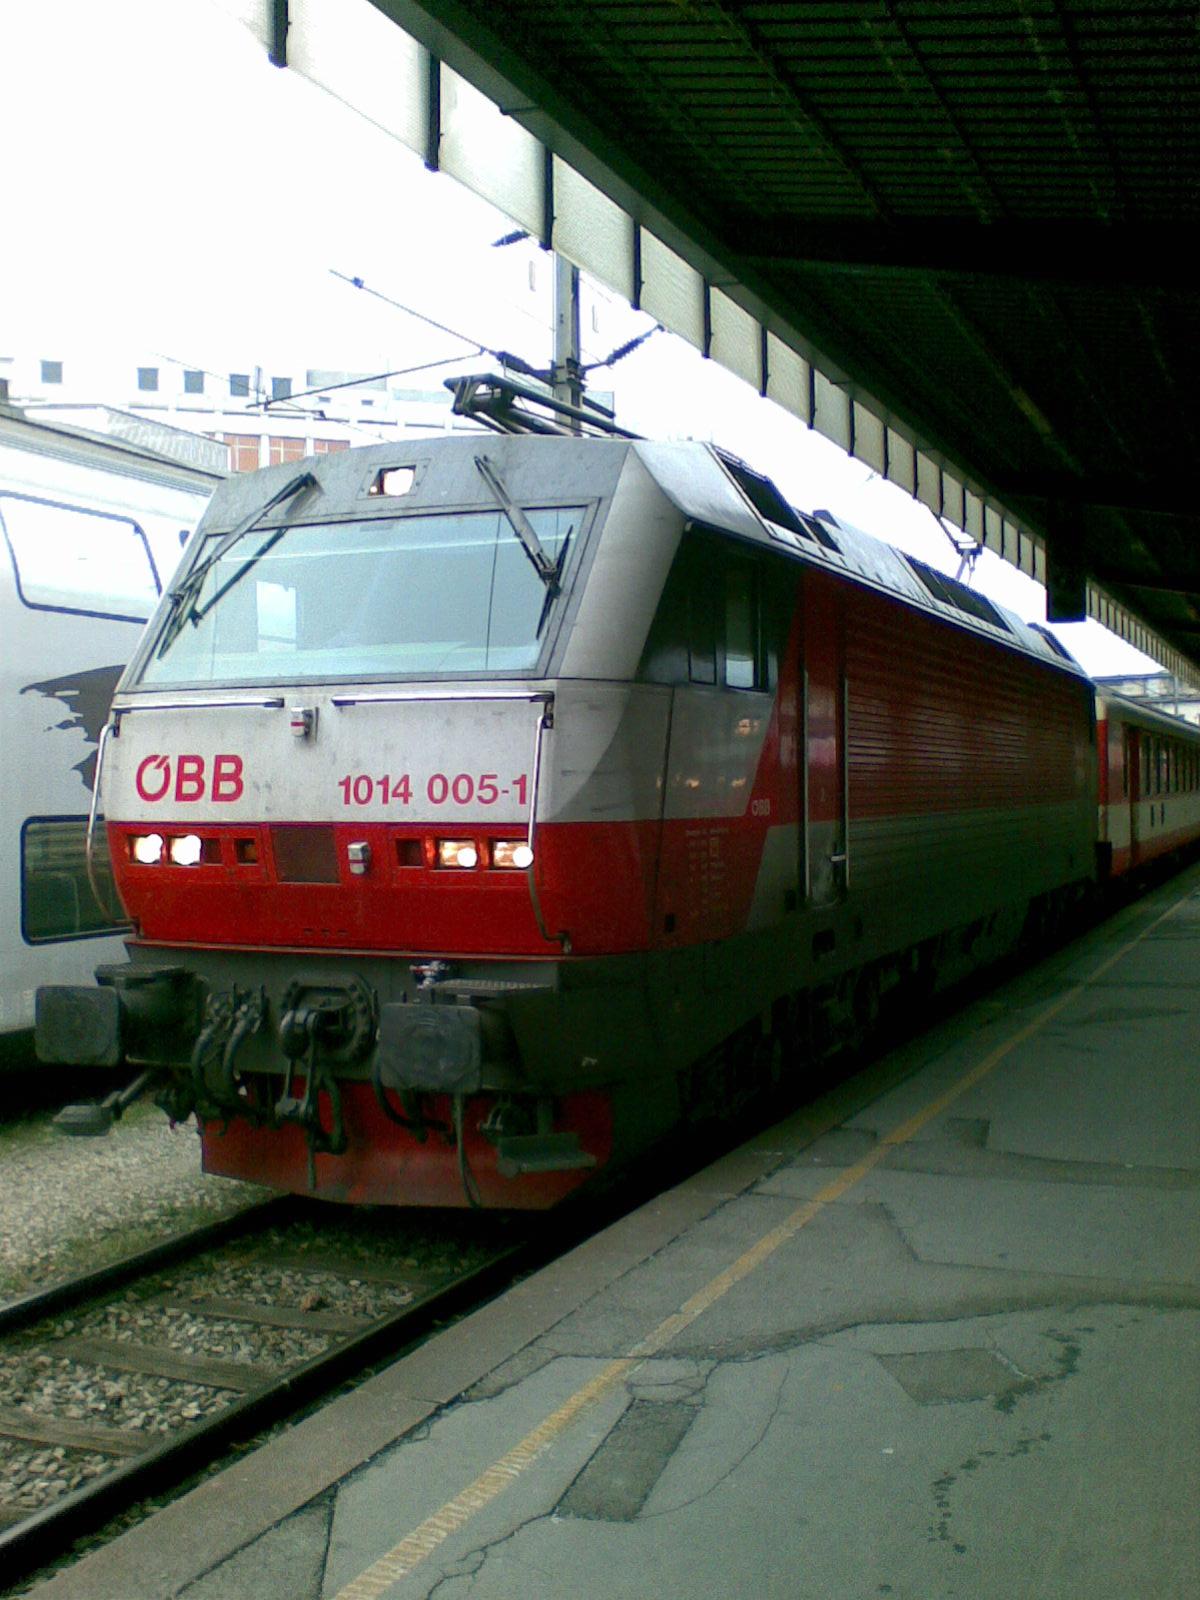 File:ÖBB 1014 005 in Wien Südbahnhof (Ost).jpg